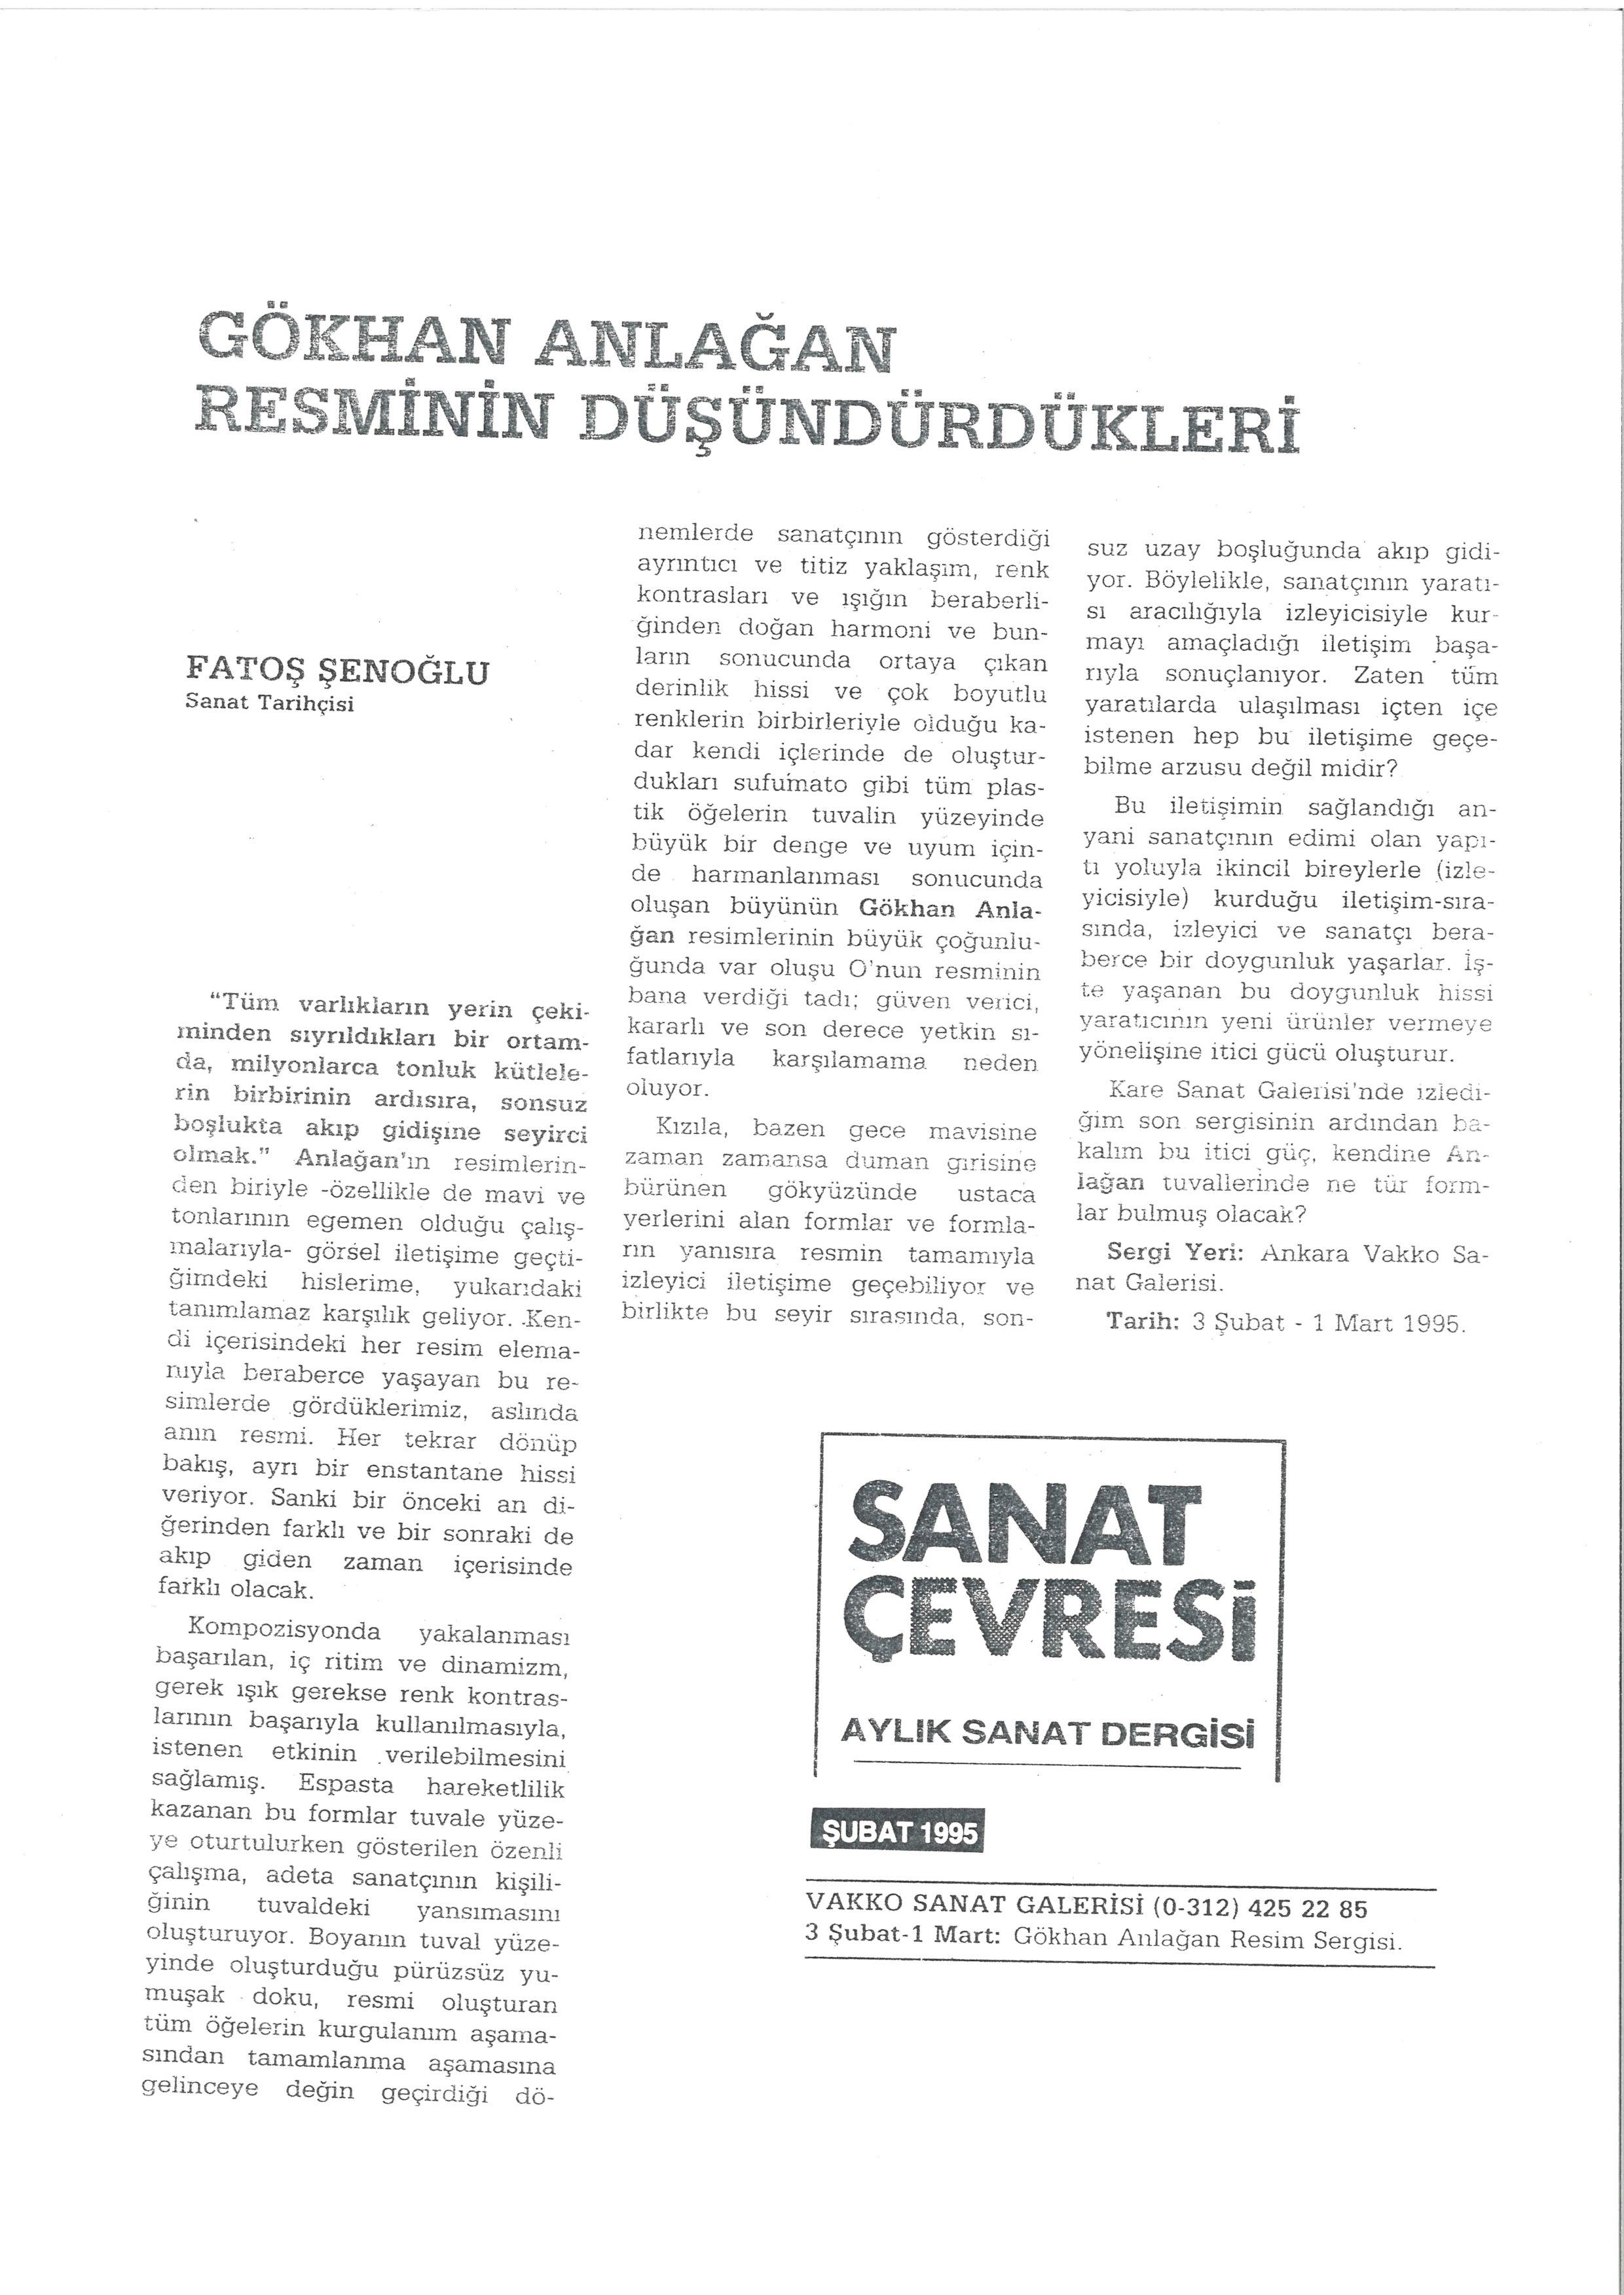 Sanat_Çevresi_1985